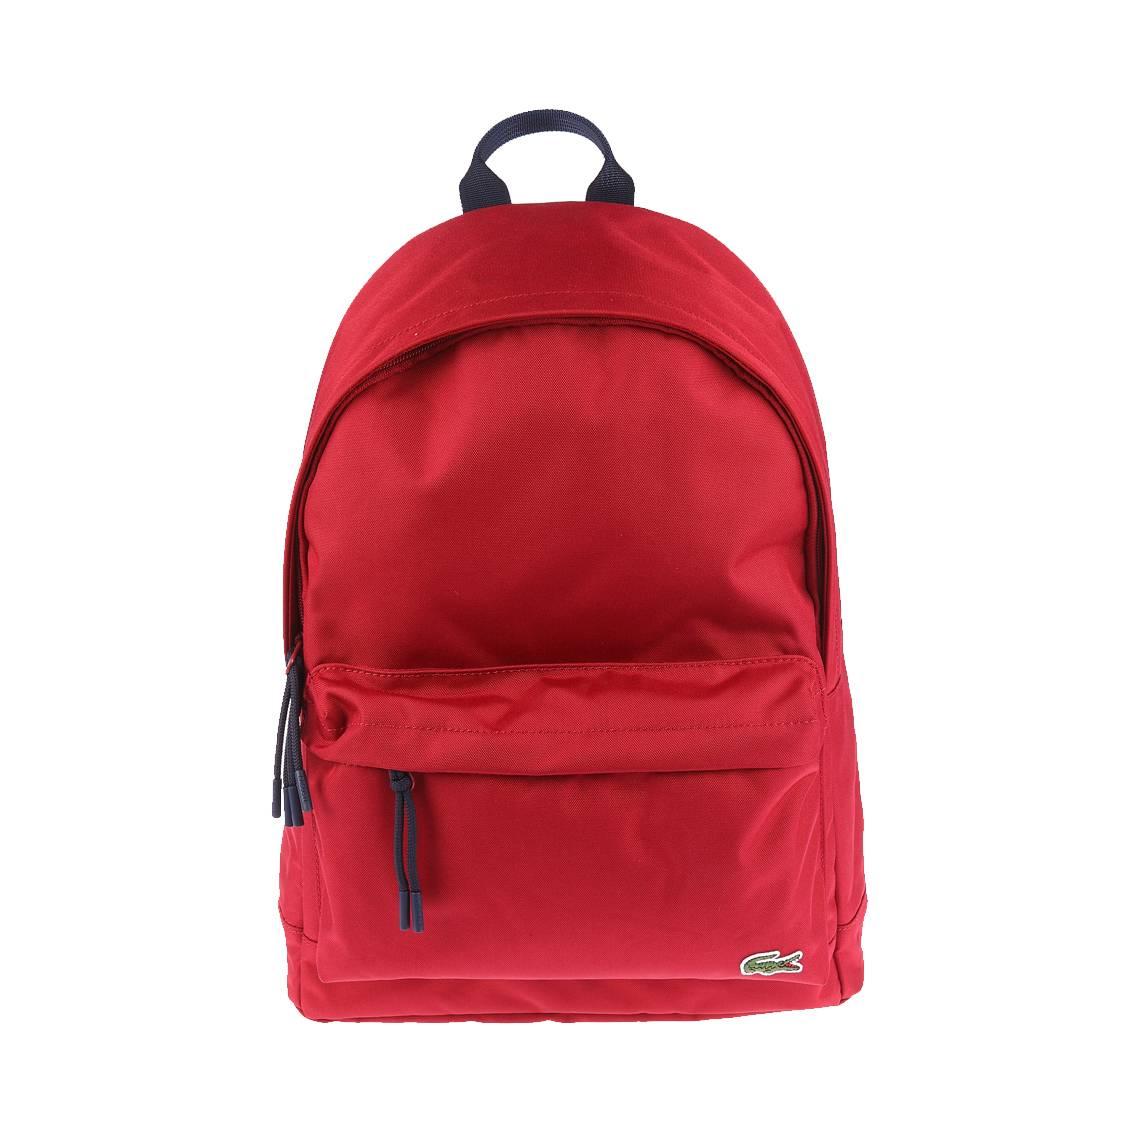 sac dos n ocroc lacoste en toile rouge rue des hommes. Black Bedroom Furniture Sets. Home Design Ideas